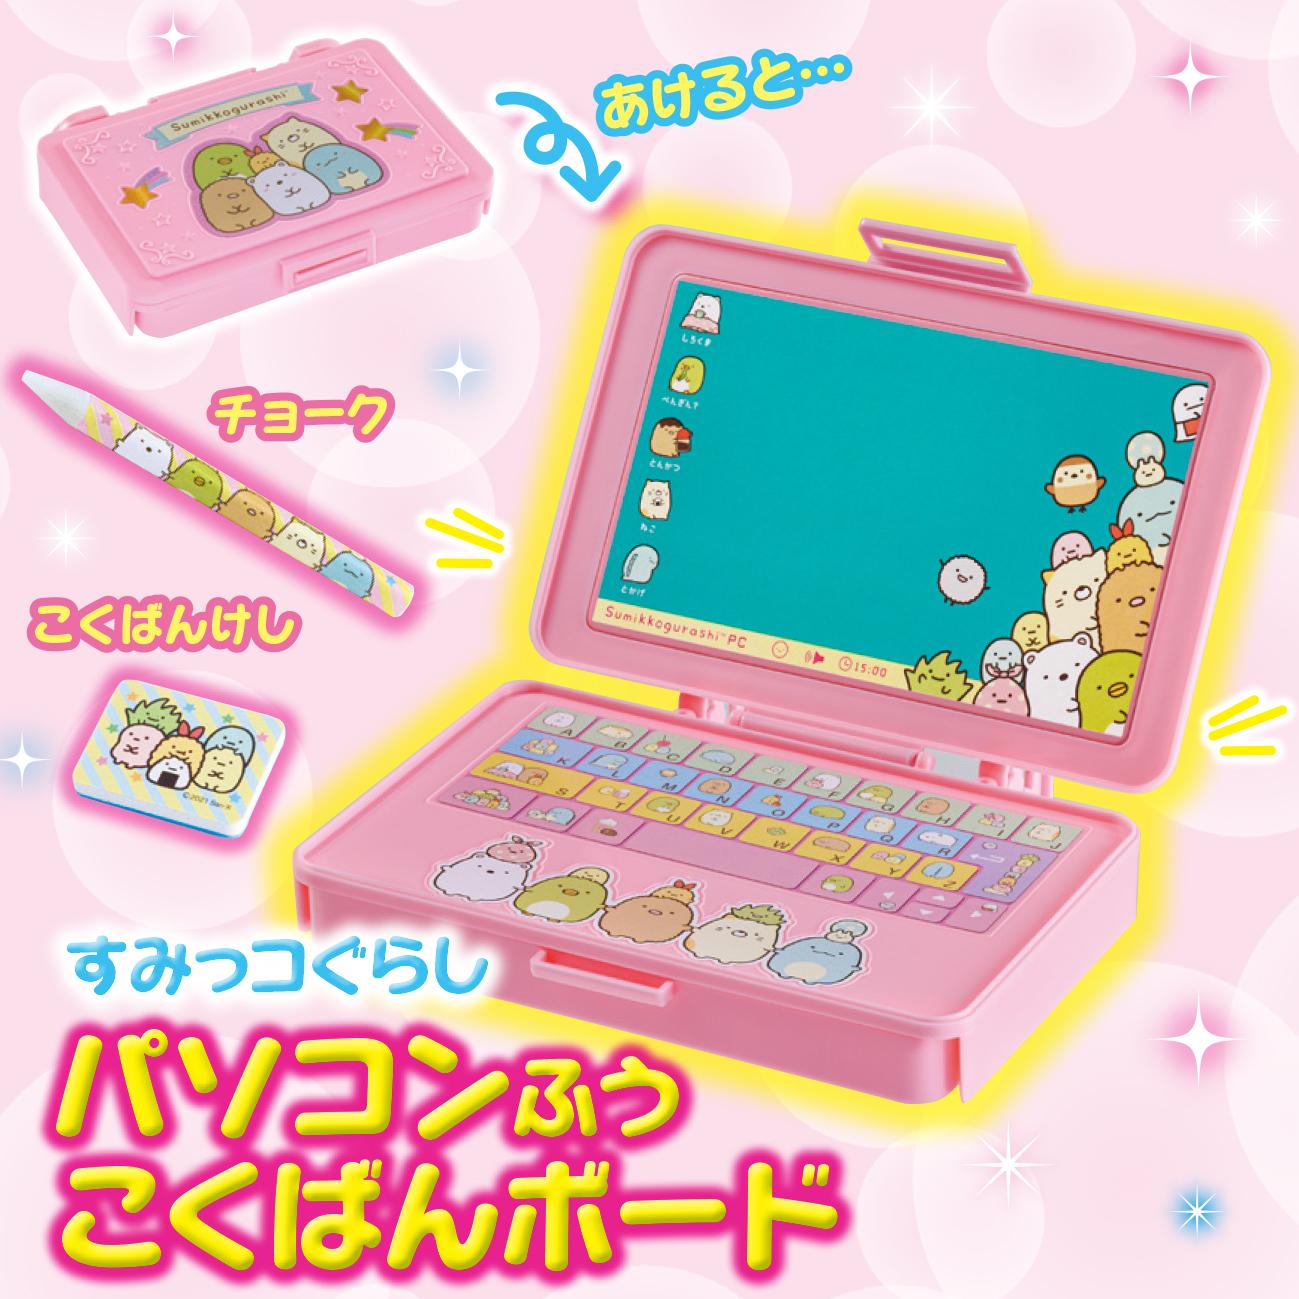 「すみっコぐらし パソコンふうこくばんボード」画像